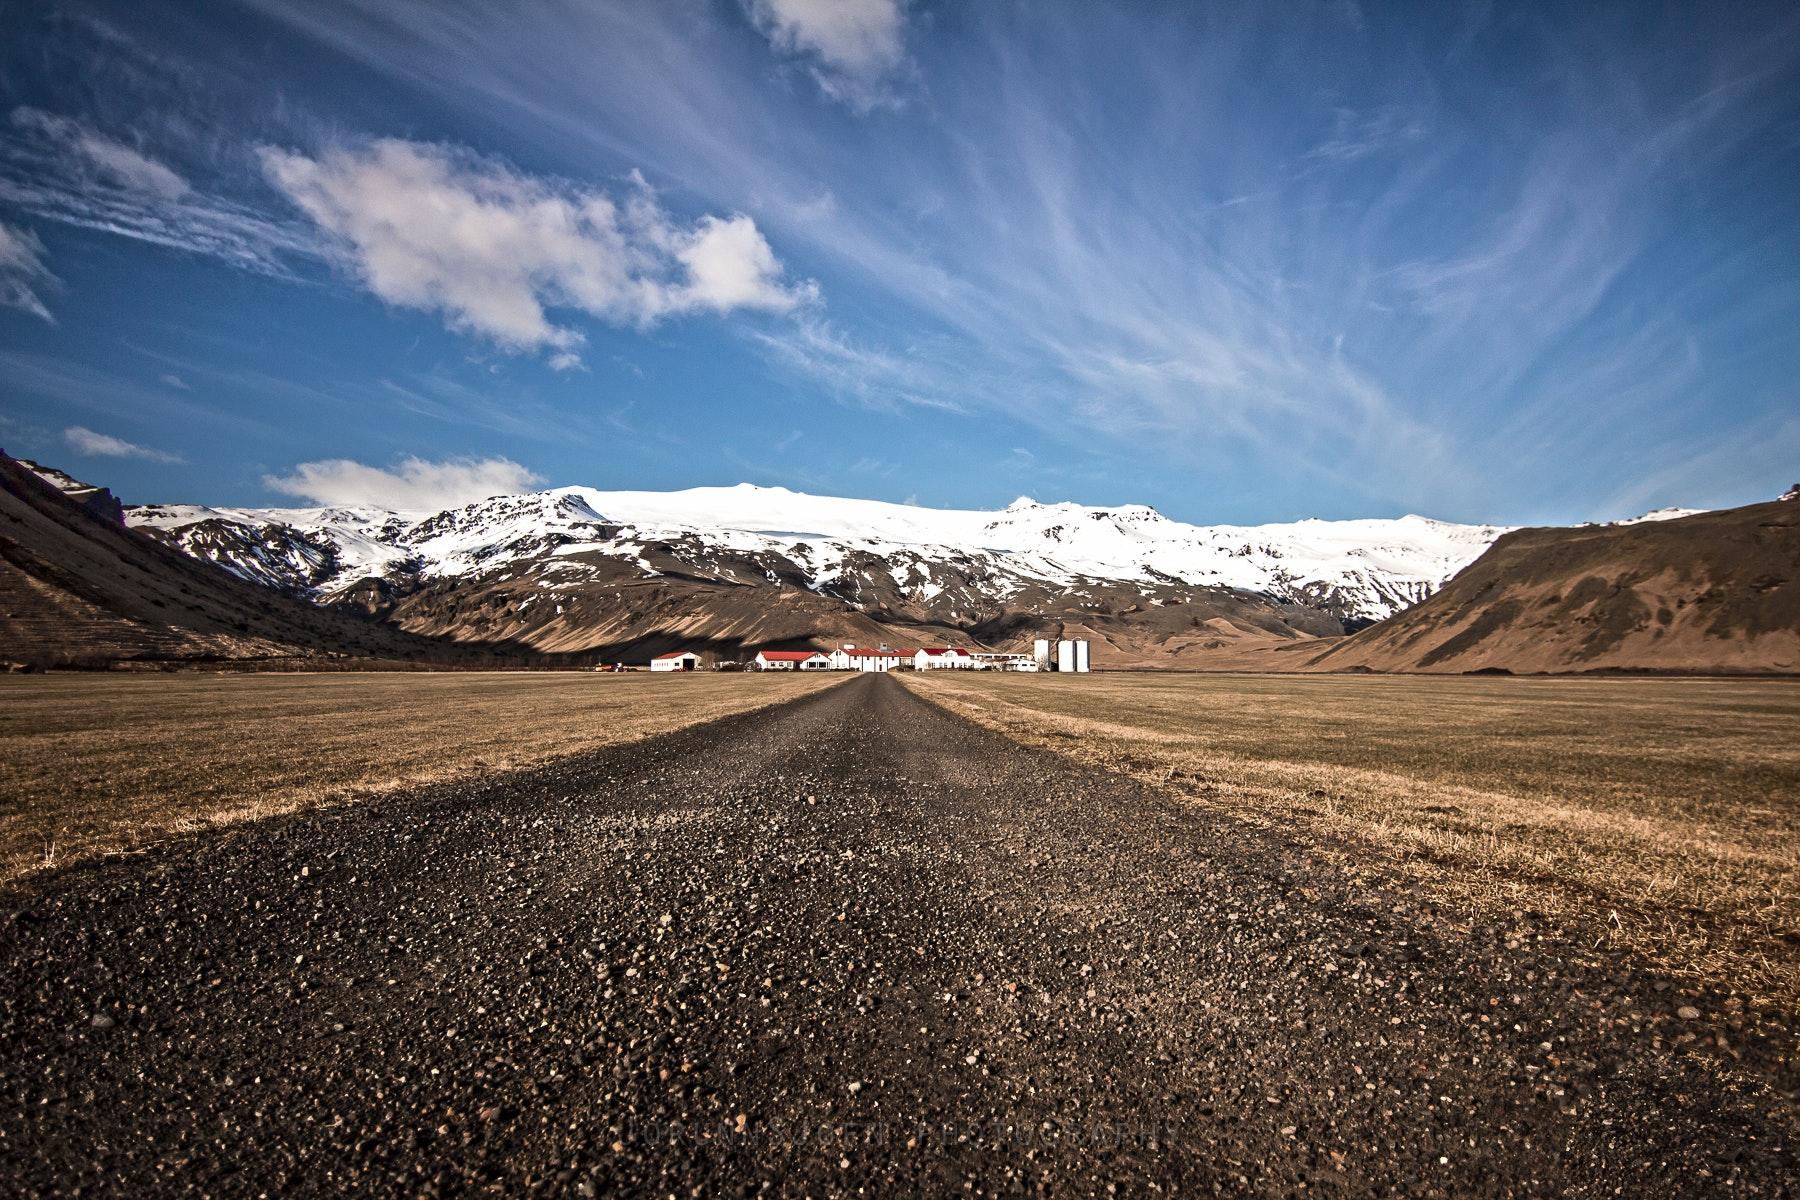 Eyjafjallajökull glacier in Iceland